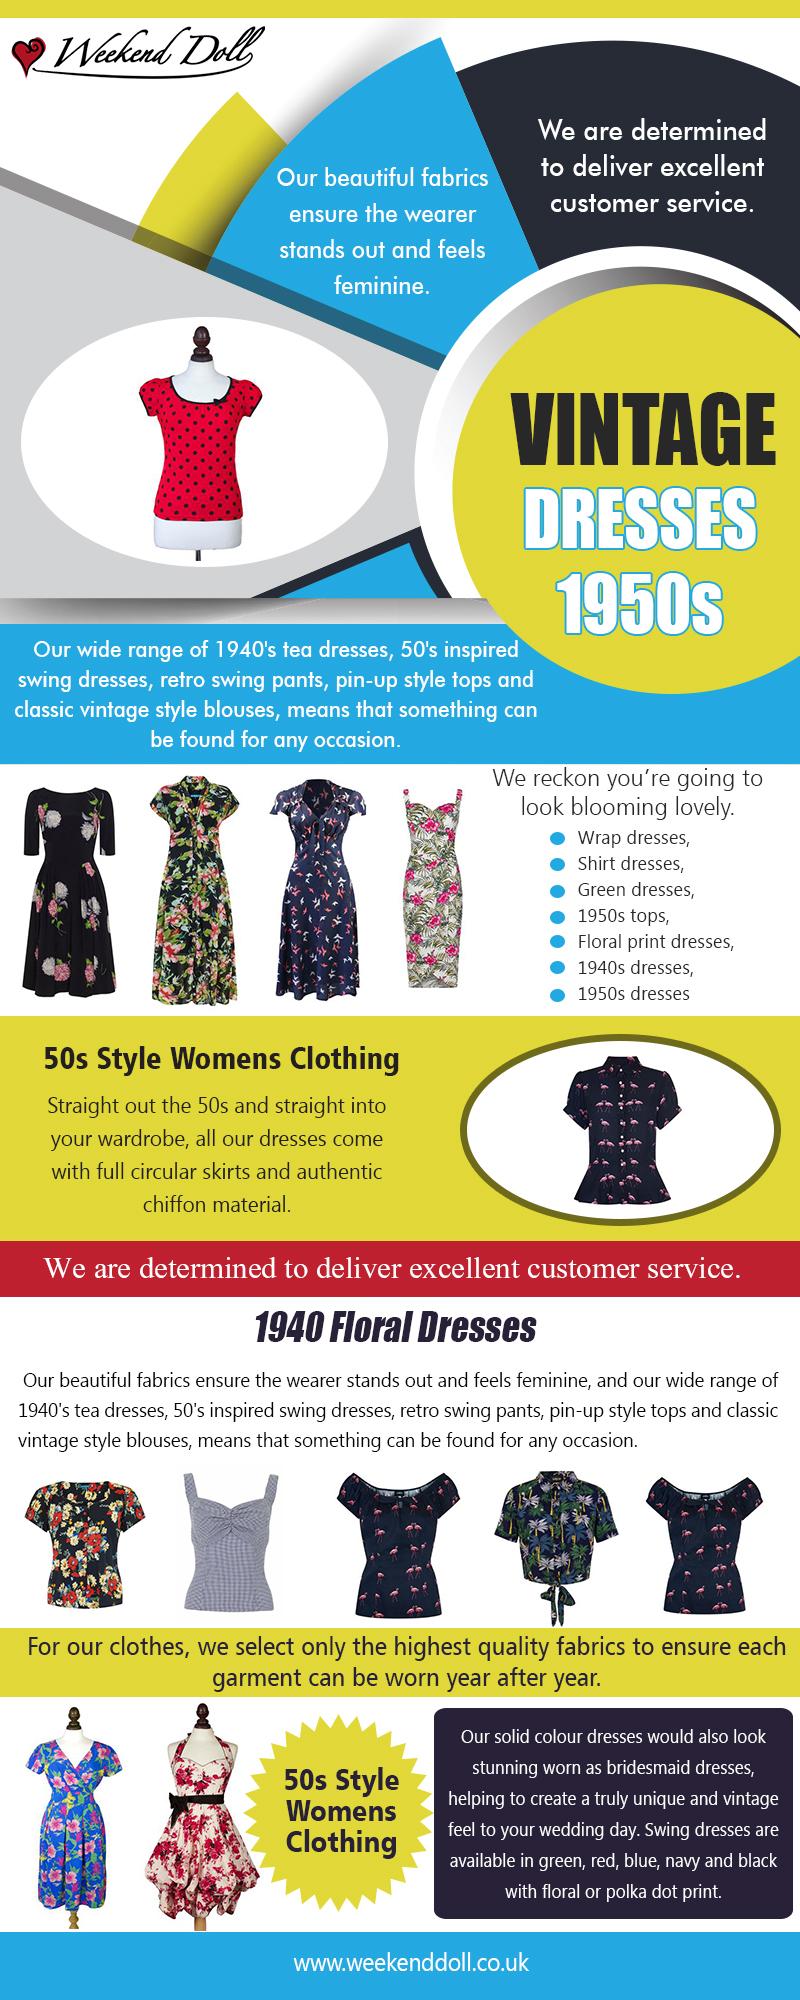 Vintage Dresses 1950s | 2036378223 | weekenddoll.co.uk